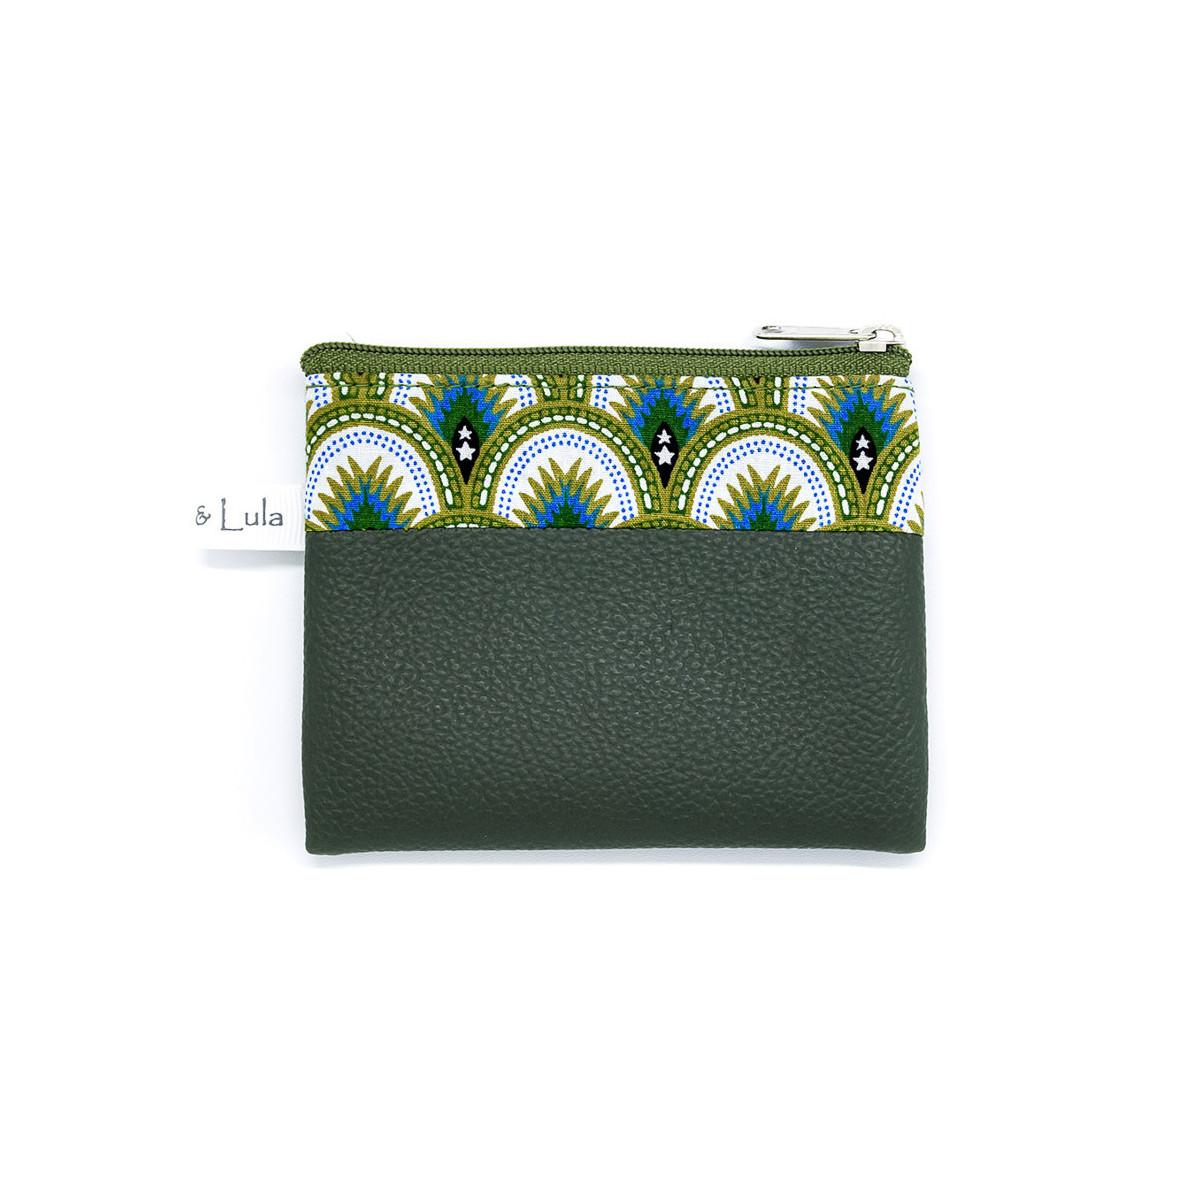 Petit porte-monnaie zippé vert kaki